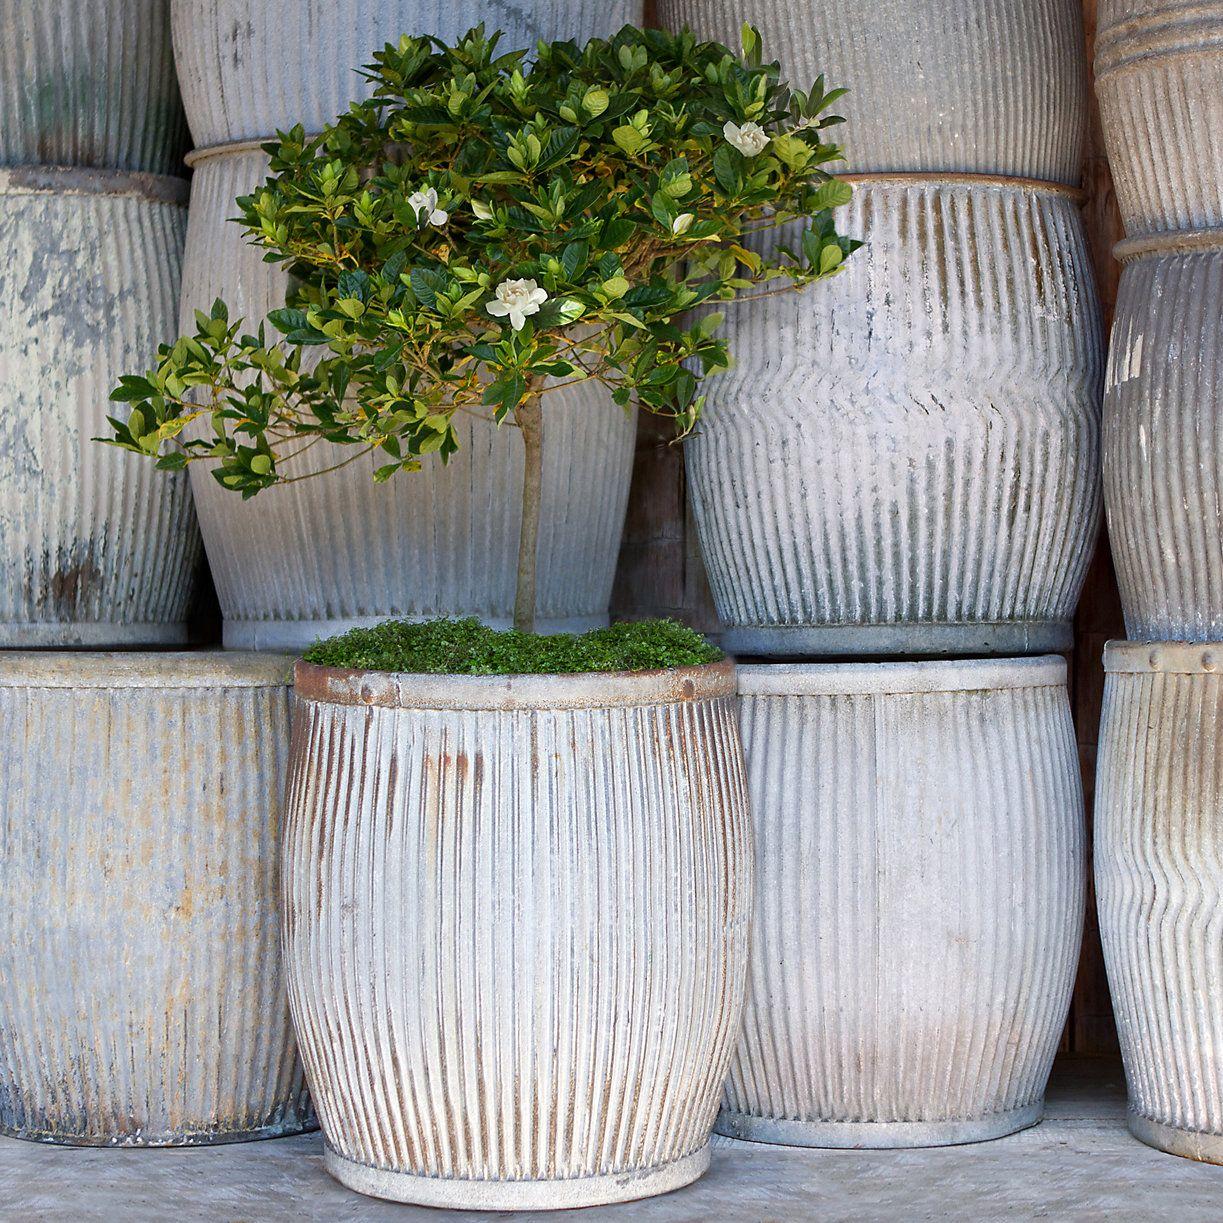 Large Garden Pots For Trees Part - 23: Indoor Lemon Tree · Vintage Zinc Barrel In Gardening PLANTERS Outdoor  Planters Large ...